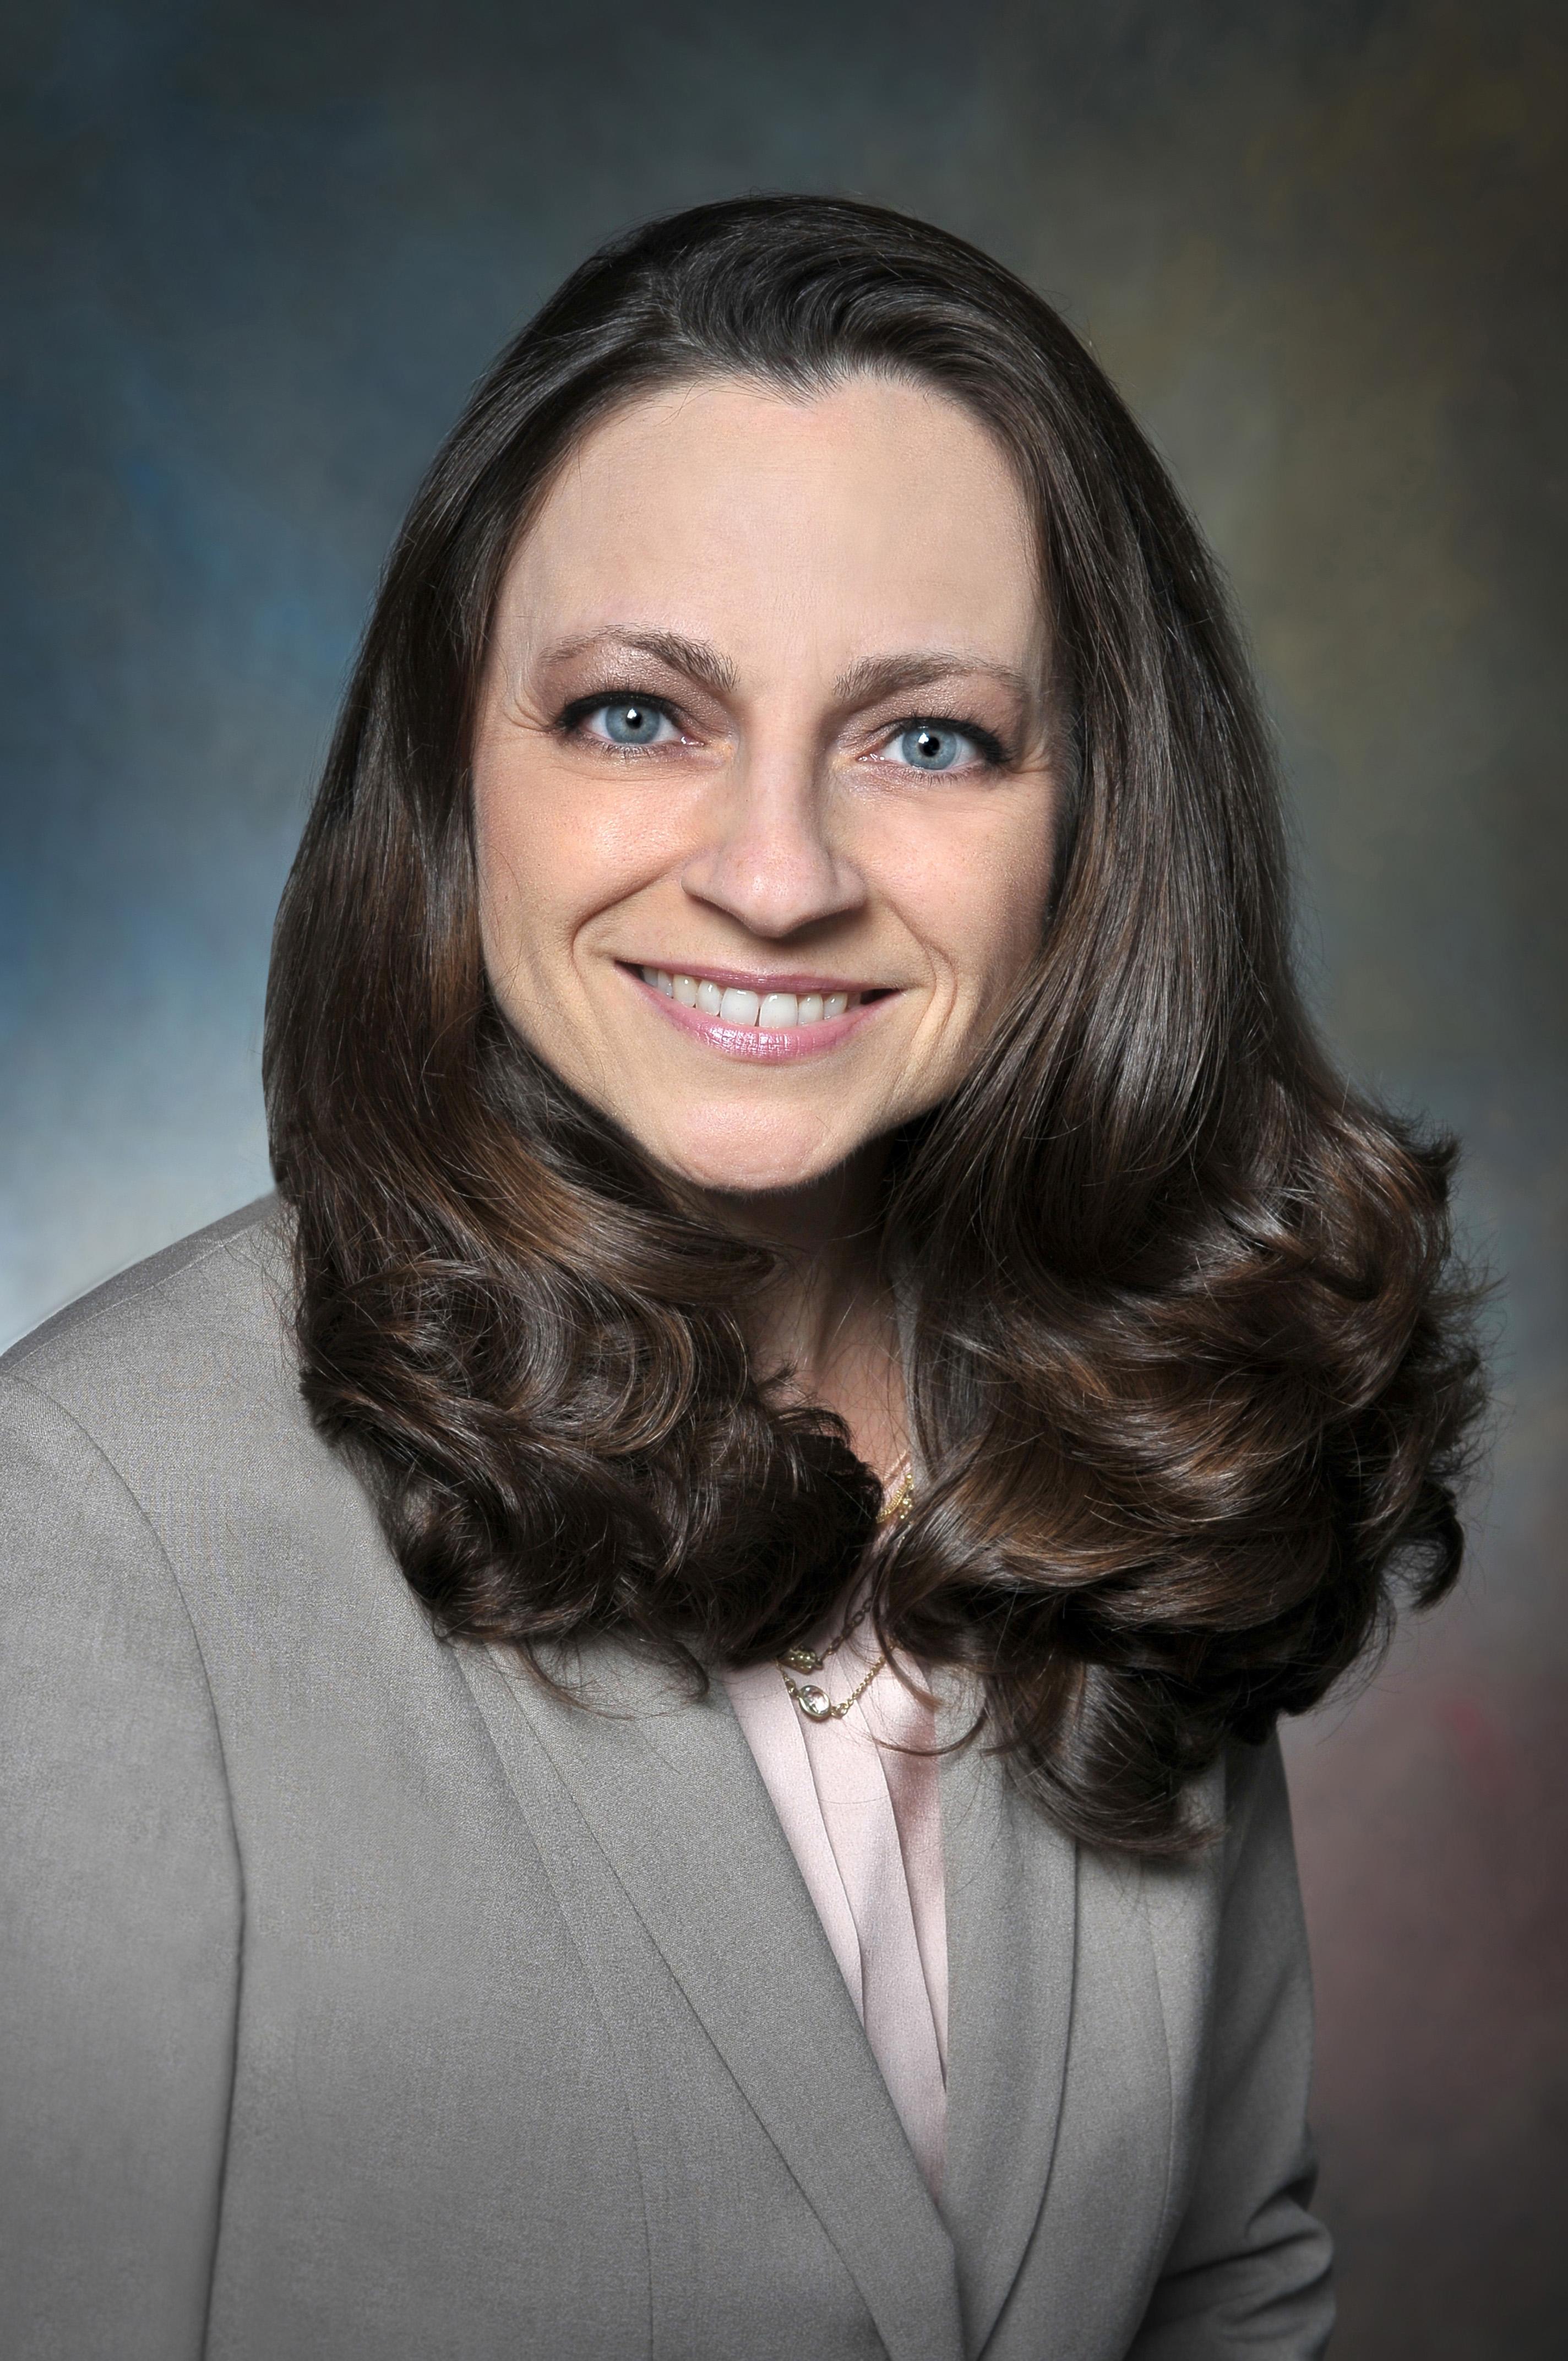 Laura Balsamini, PharmD